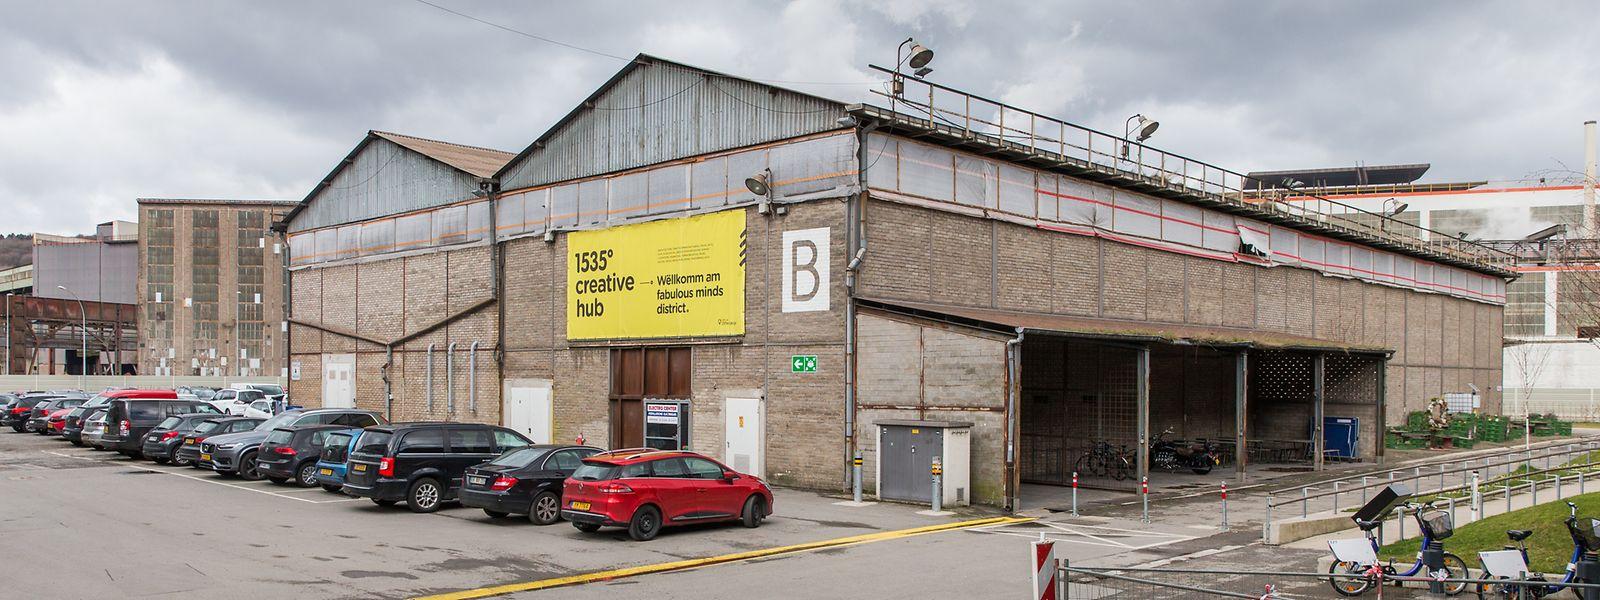 Die Halle B ist die letzte, die noch am Standort der Kreativfabrik 1535° in Differdingen zur Verfügung steht.